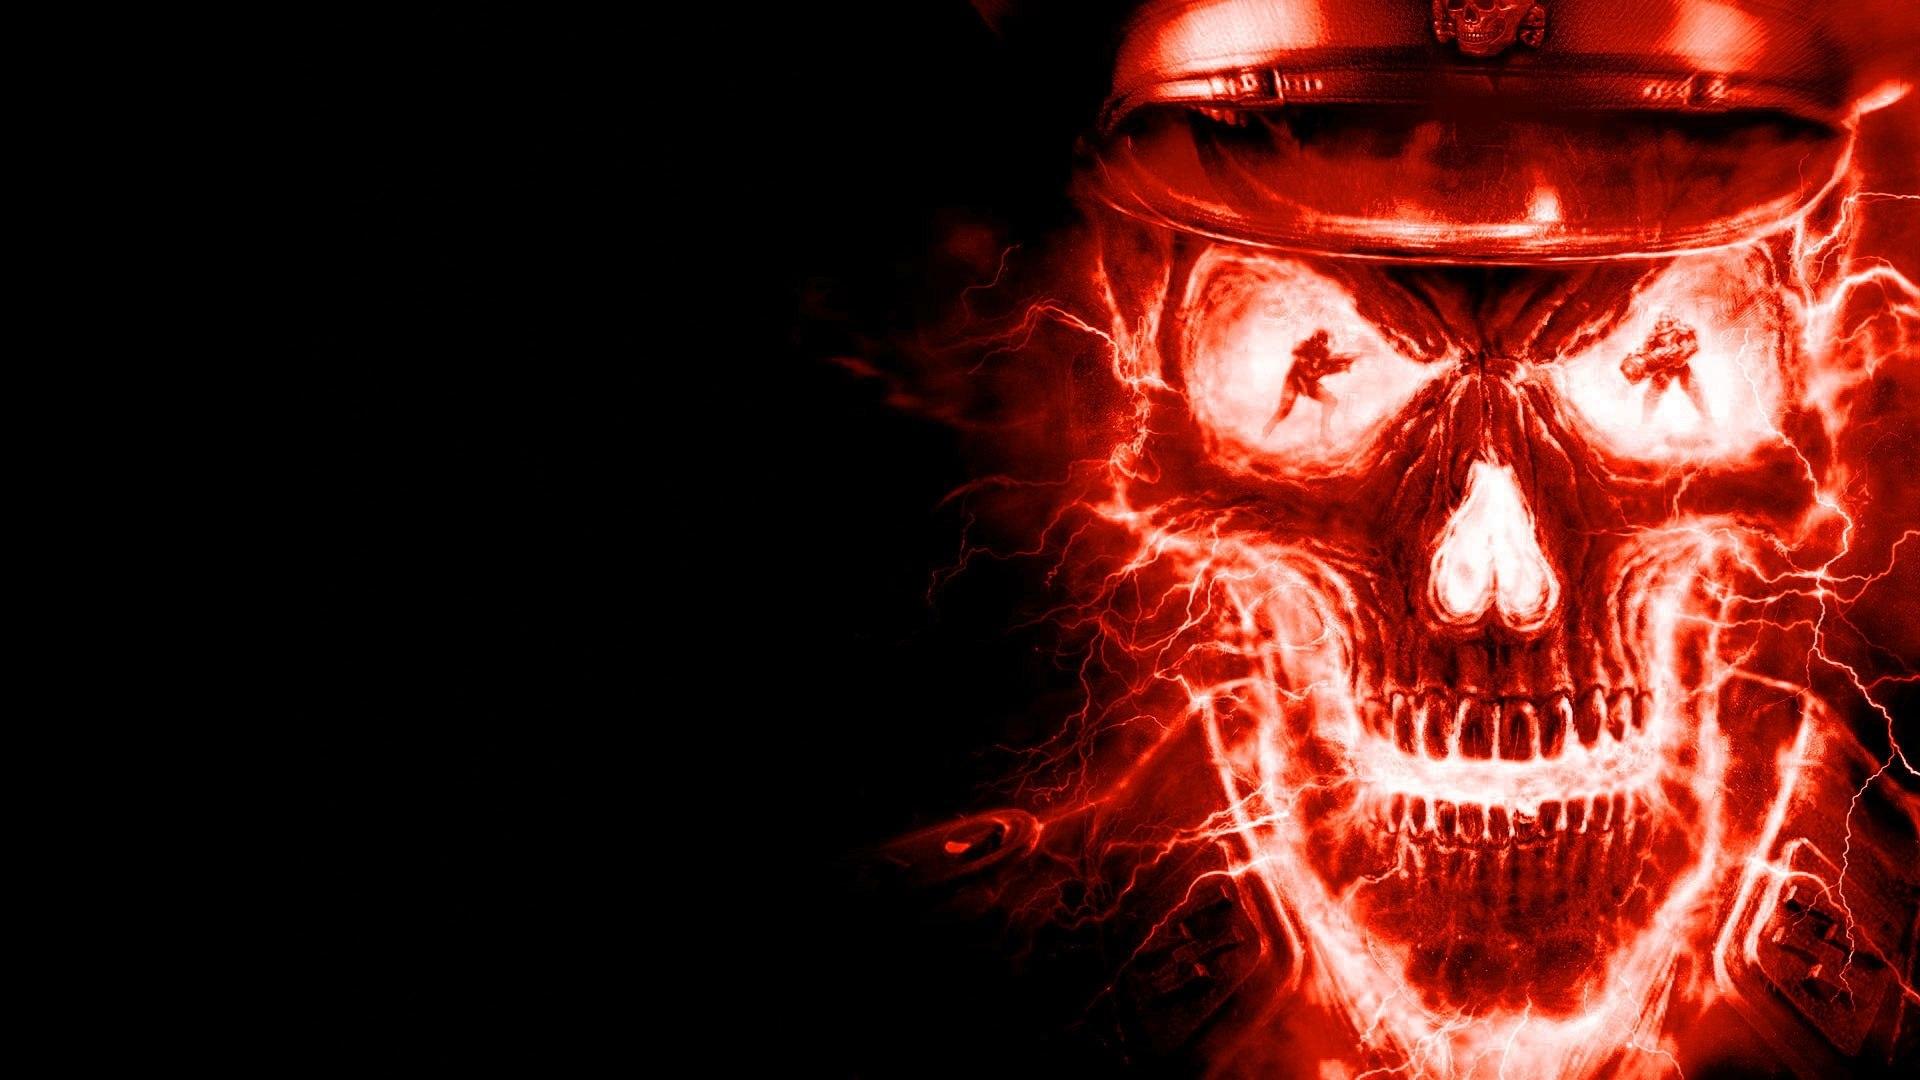 1920x1080 fire skull wallpaper download HQ WALLPAPER   37125 1920x1080